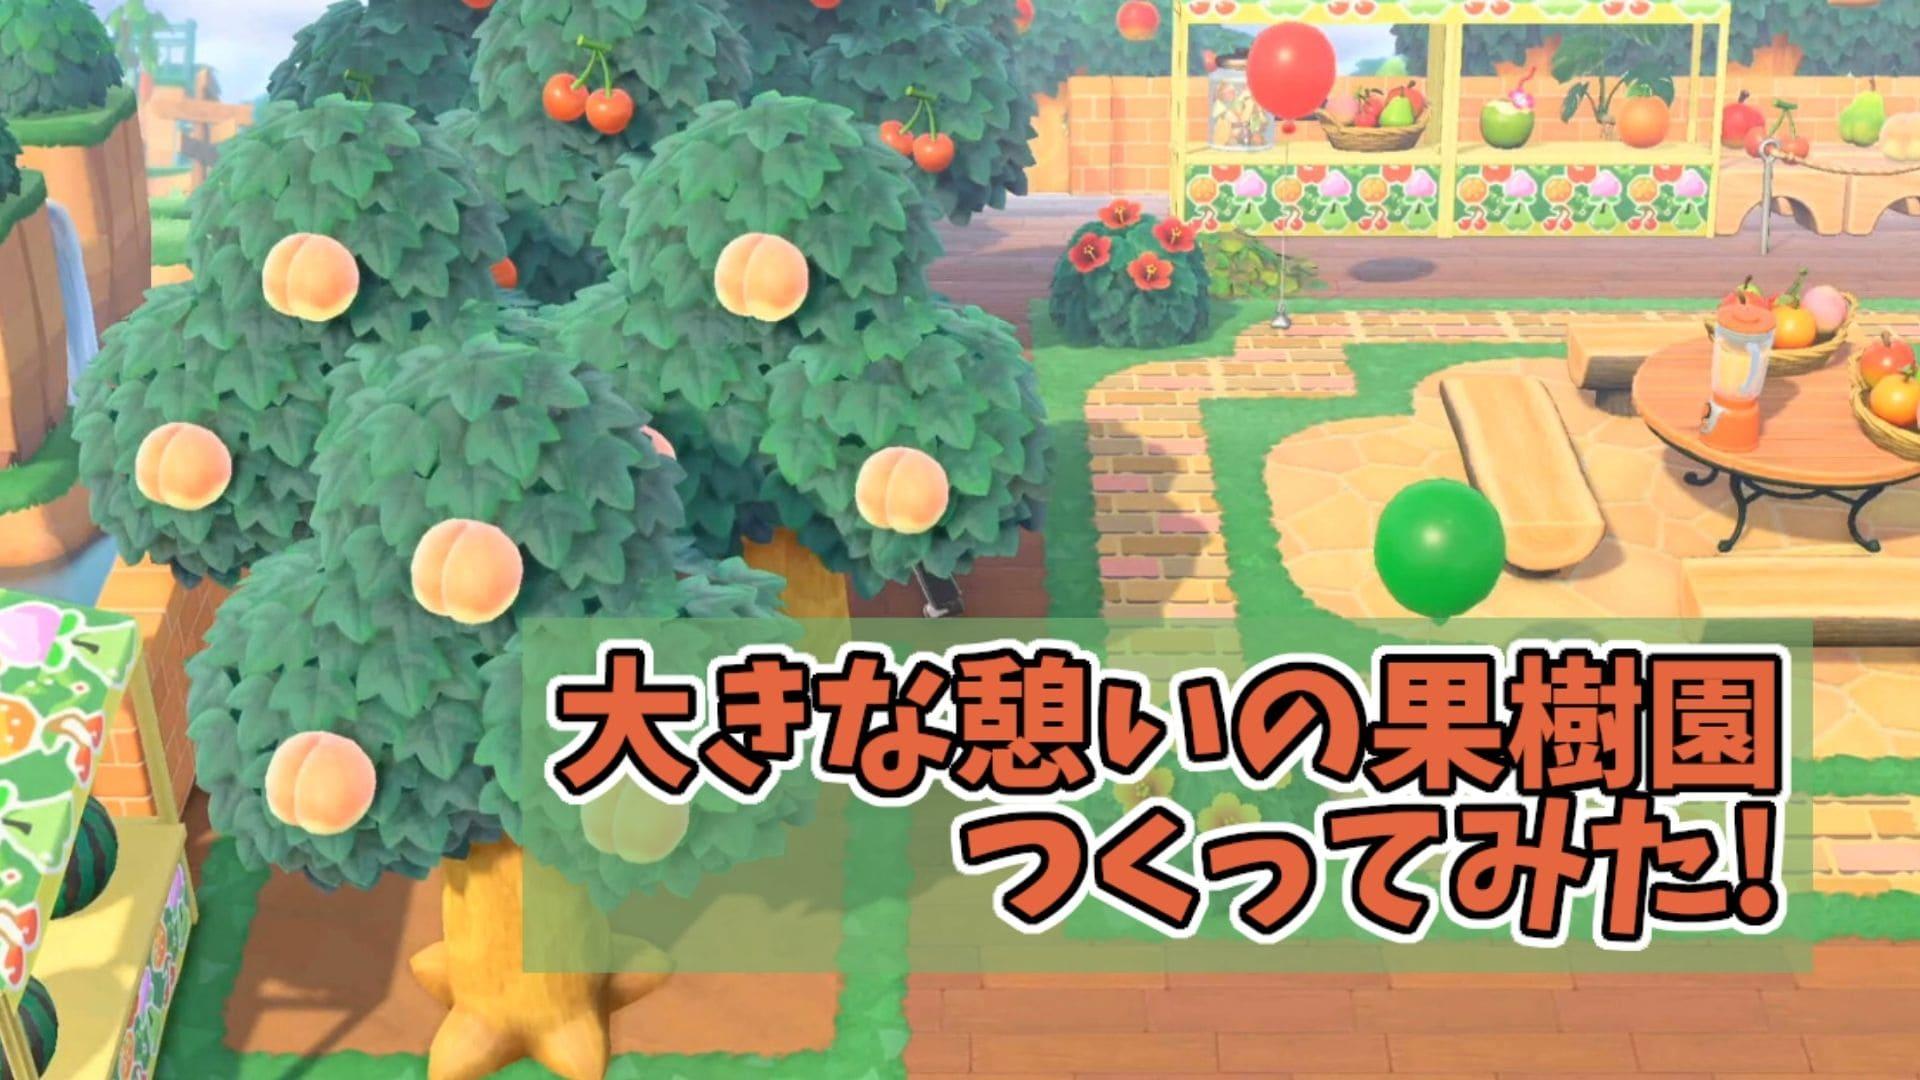 【あつ森】大きな憩いの果樹園を作ってみた【フルーツの公園】